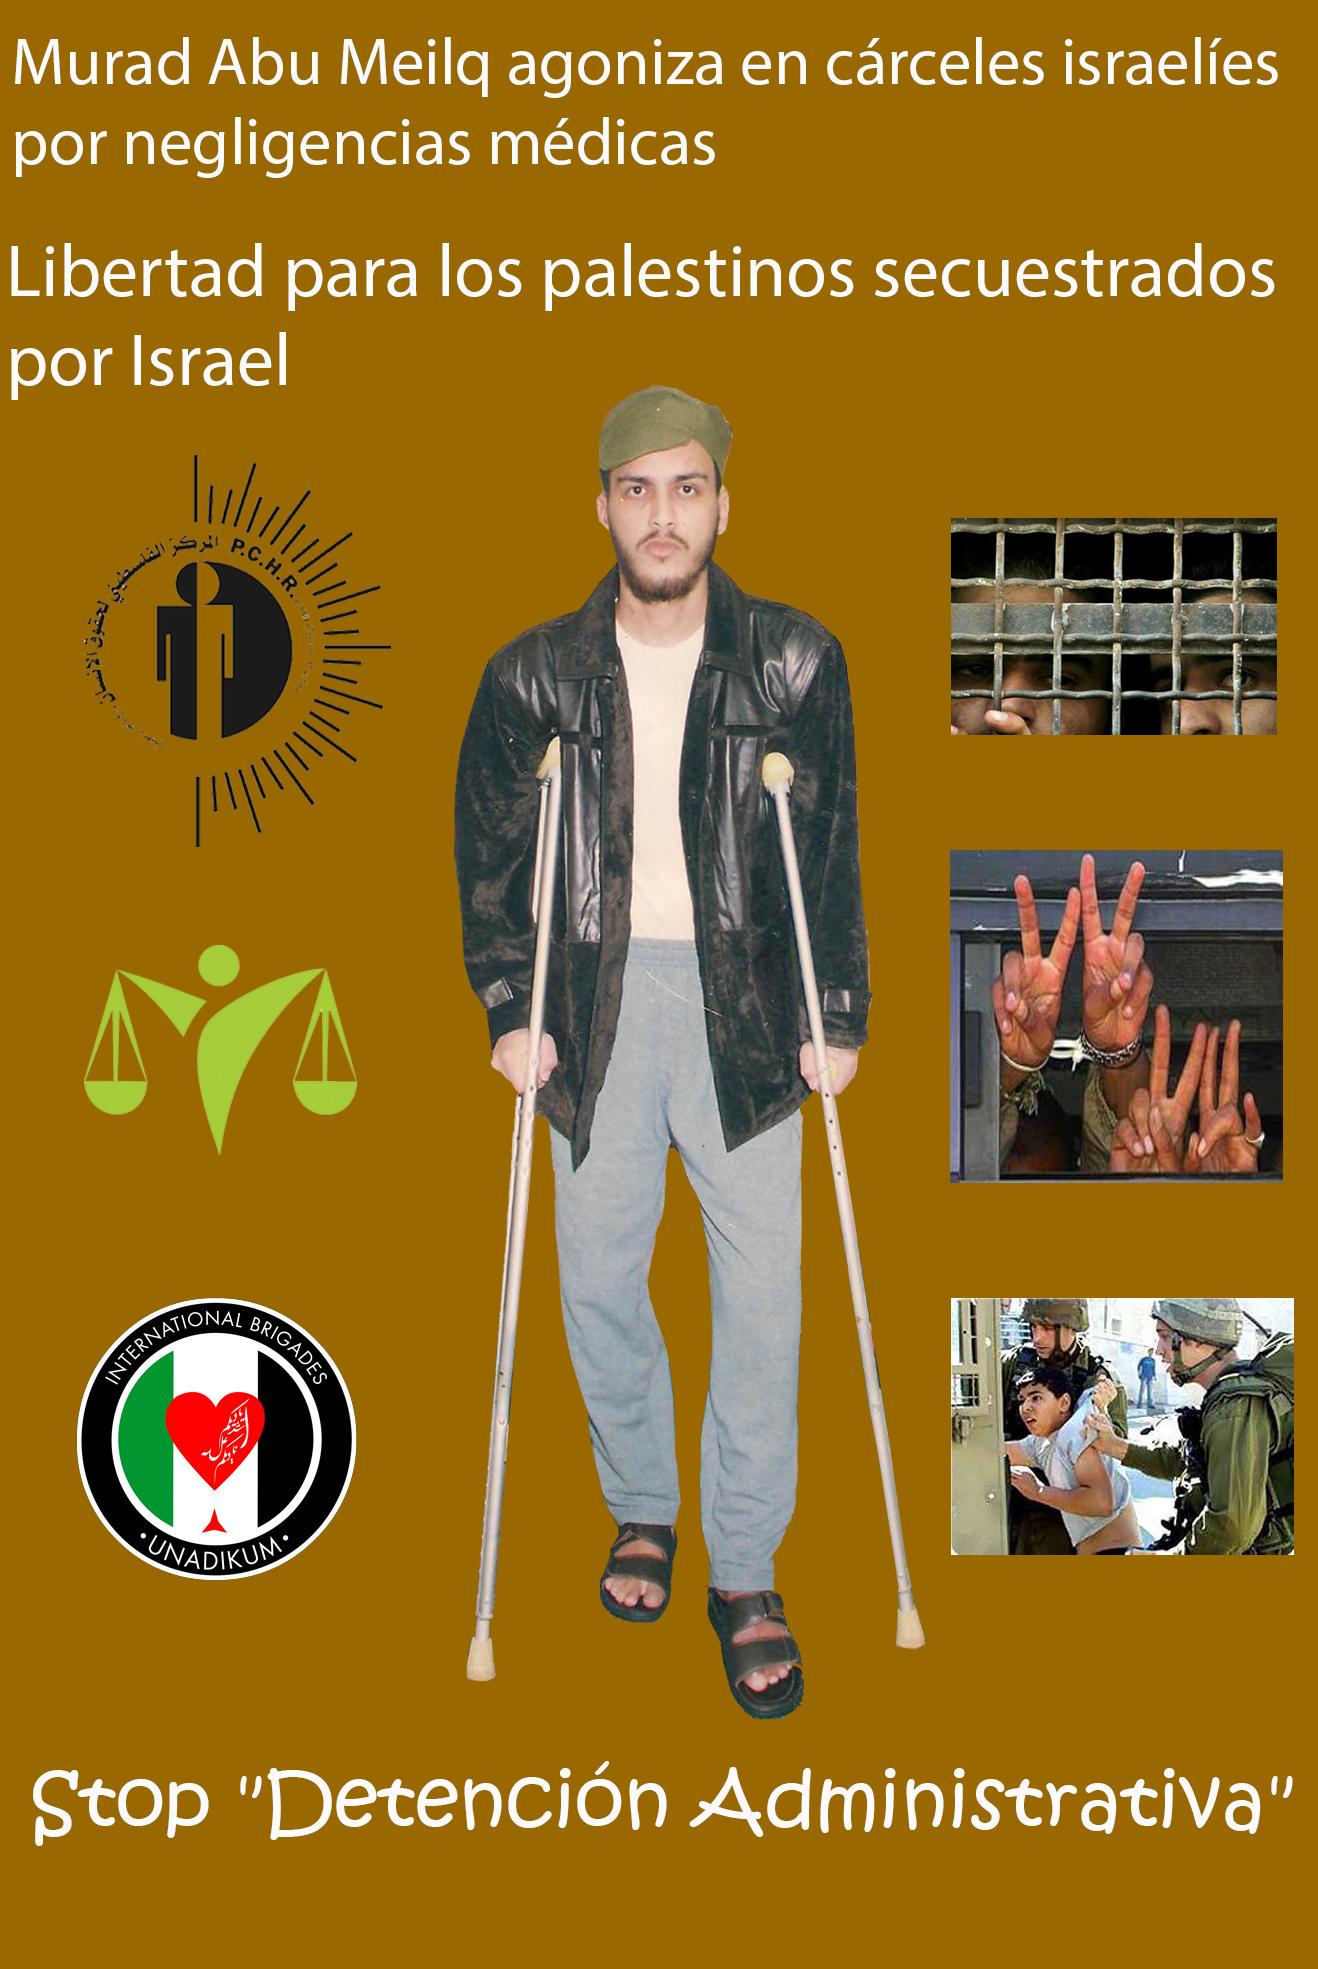 Campaña Murad